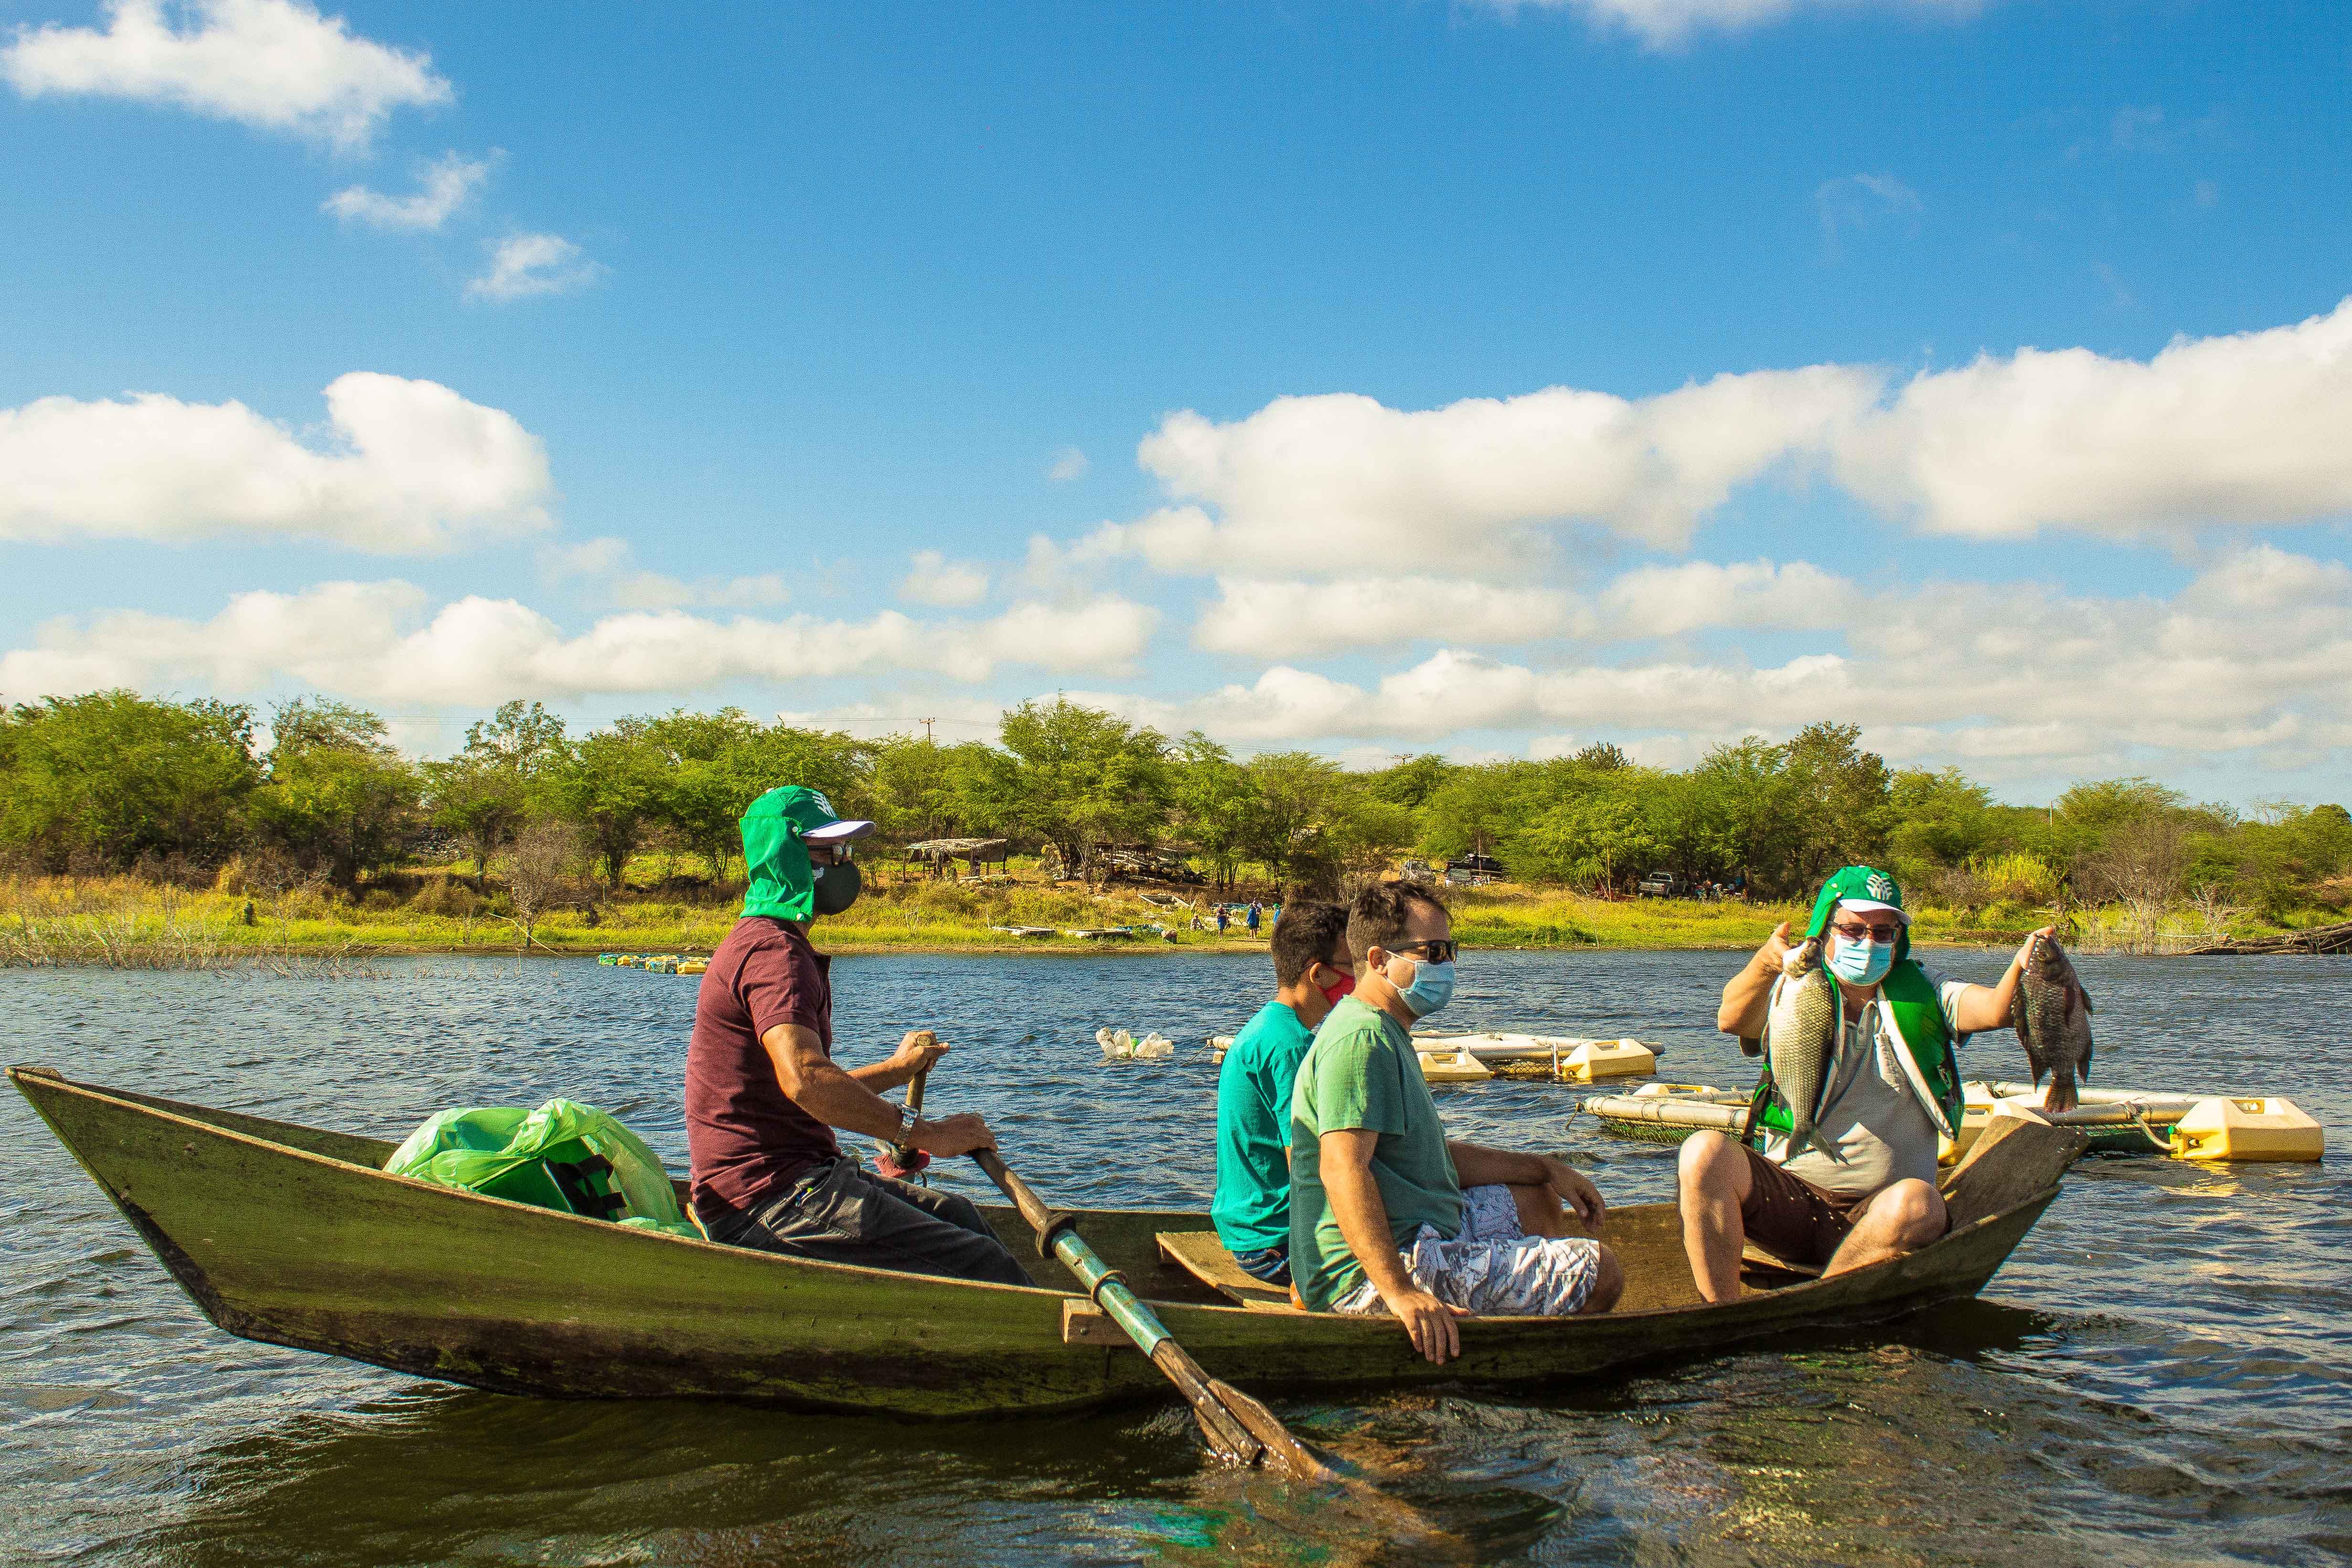 2021-09-17-e-19-curso-piscicultura-francisco-cesar-4563.jpg